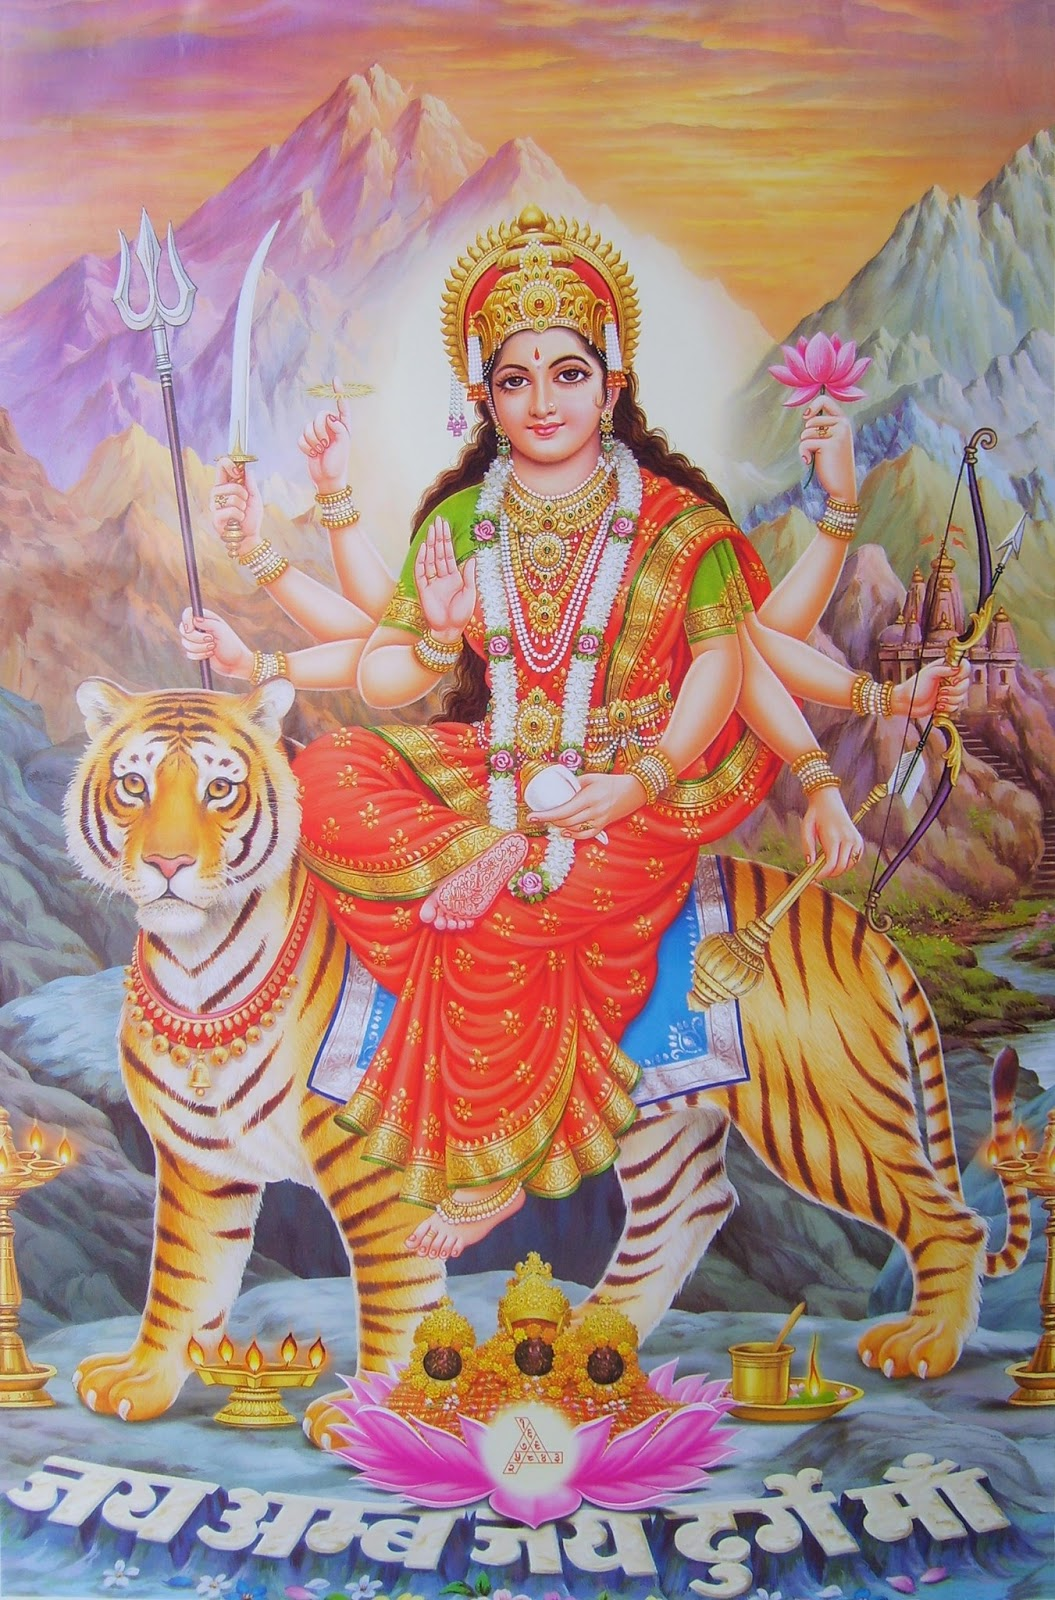 Goddess Durga Pictures Images Download | Hindu Devotional Blog